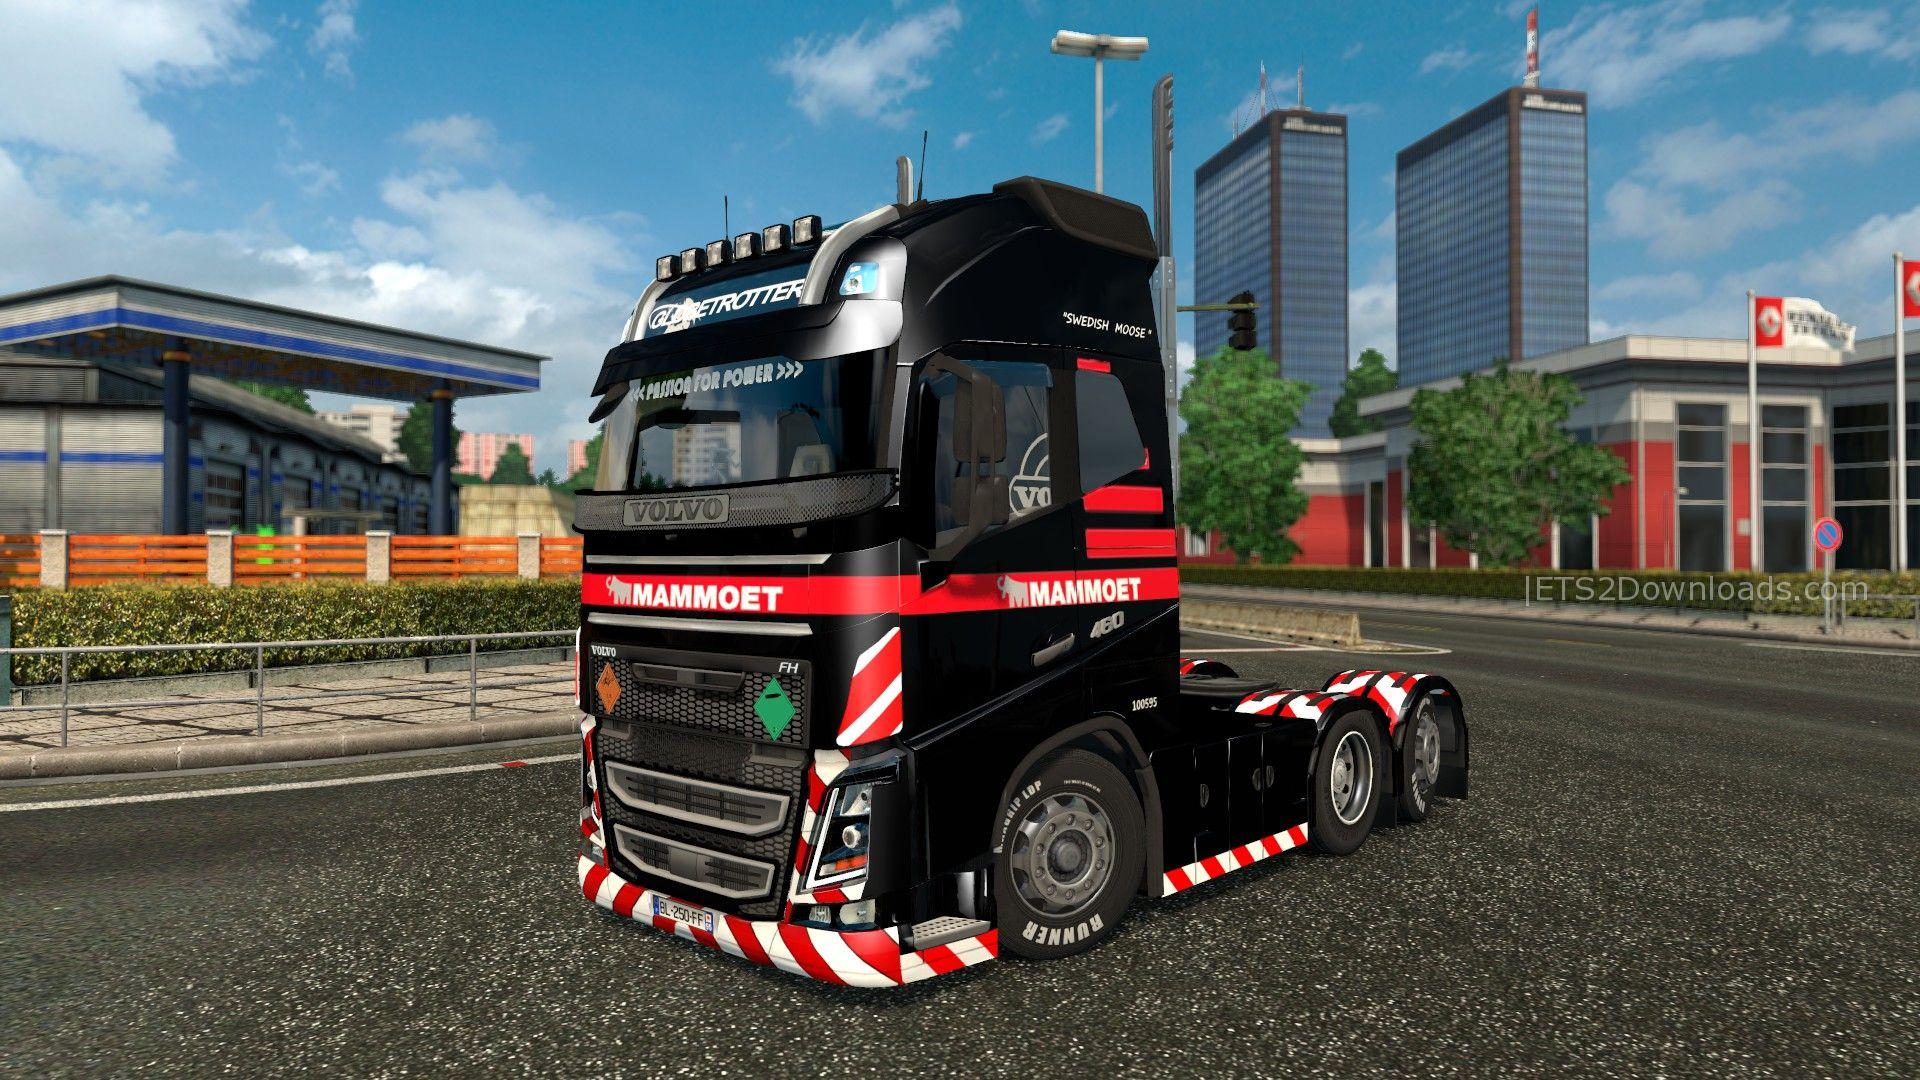 mammoet-skin-pack-for-all-trucks-1